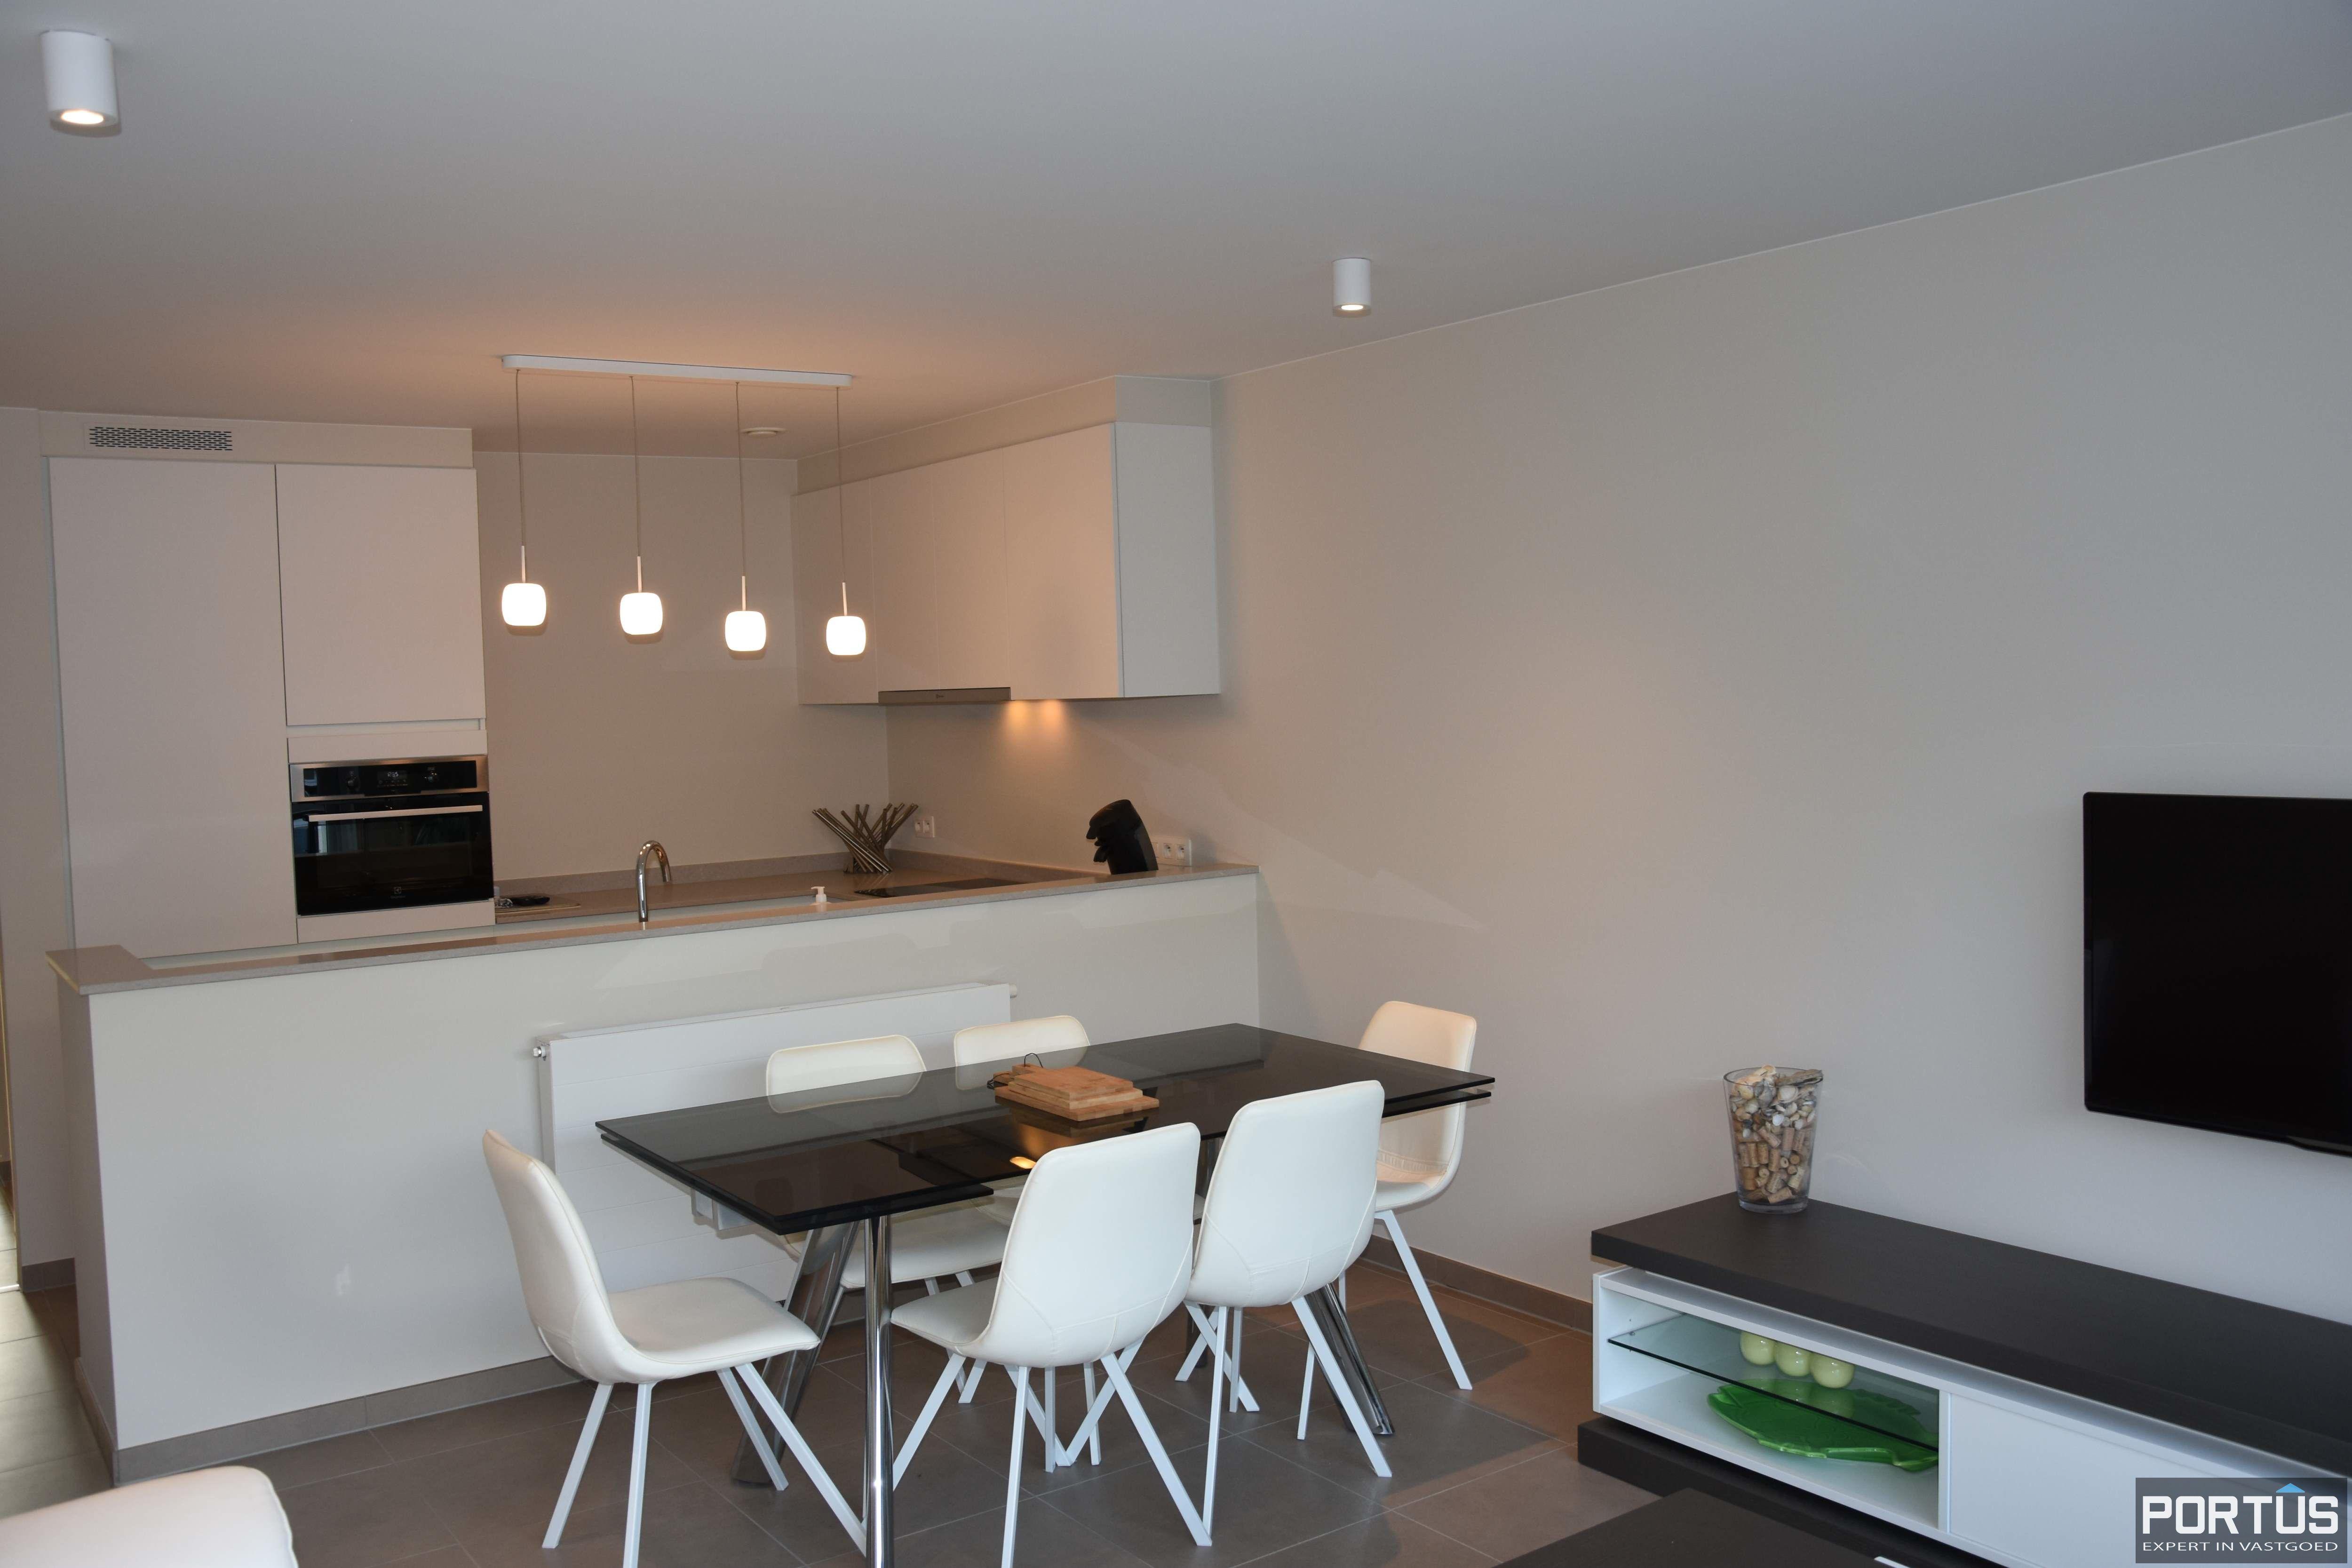 Nieuwbouwappartement te huur met 2 slaapkamers. - 12213